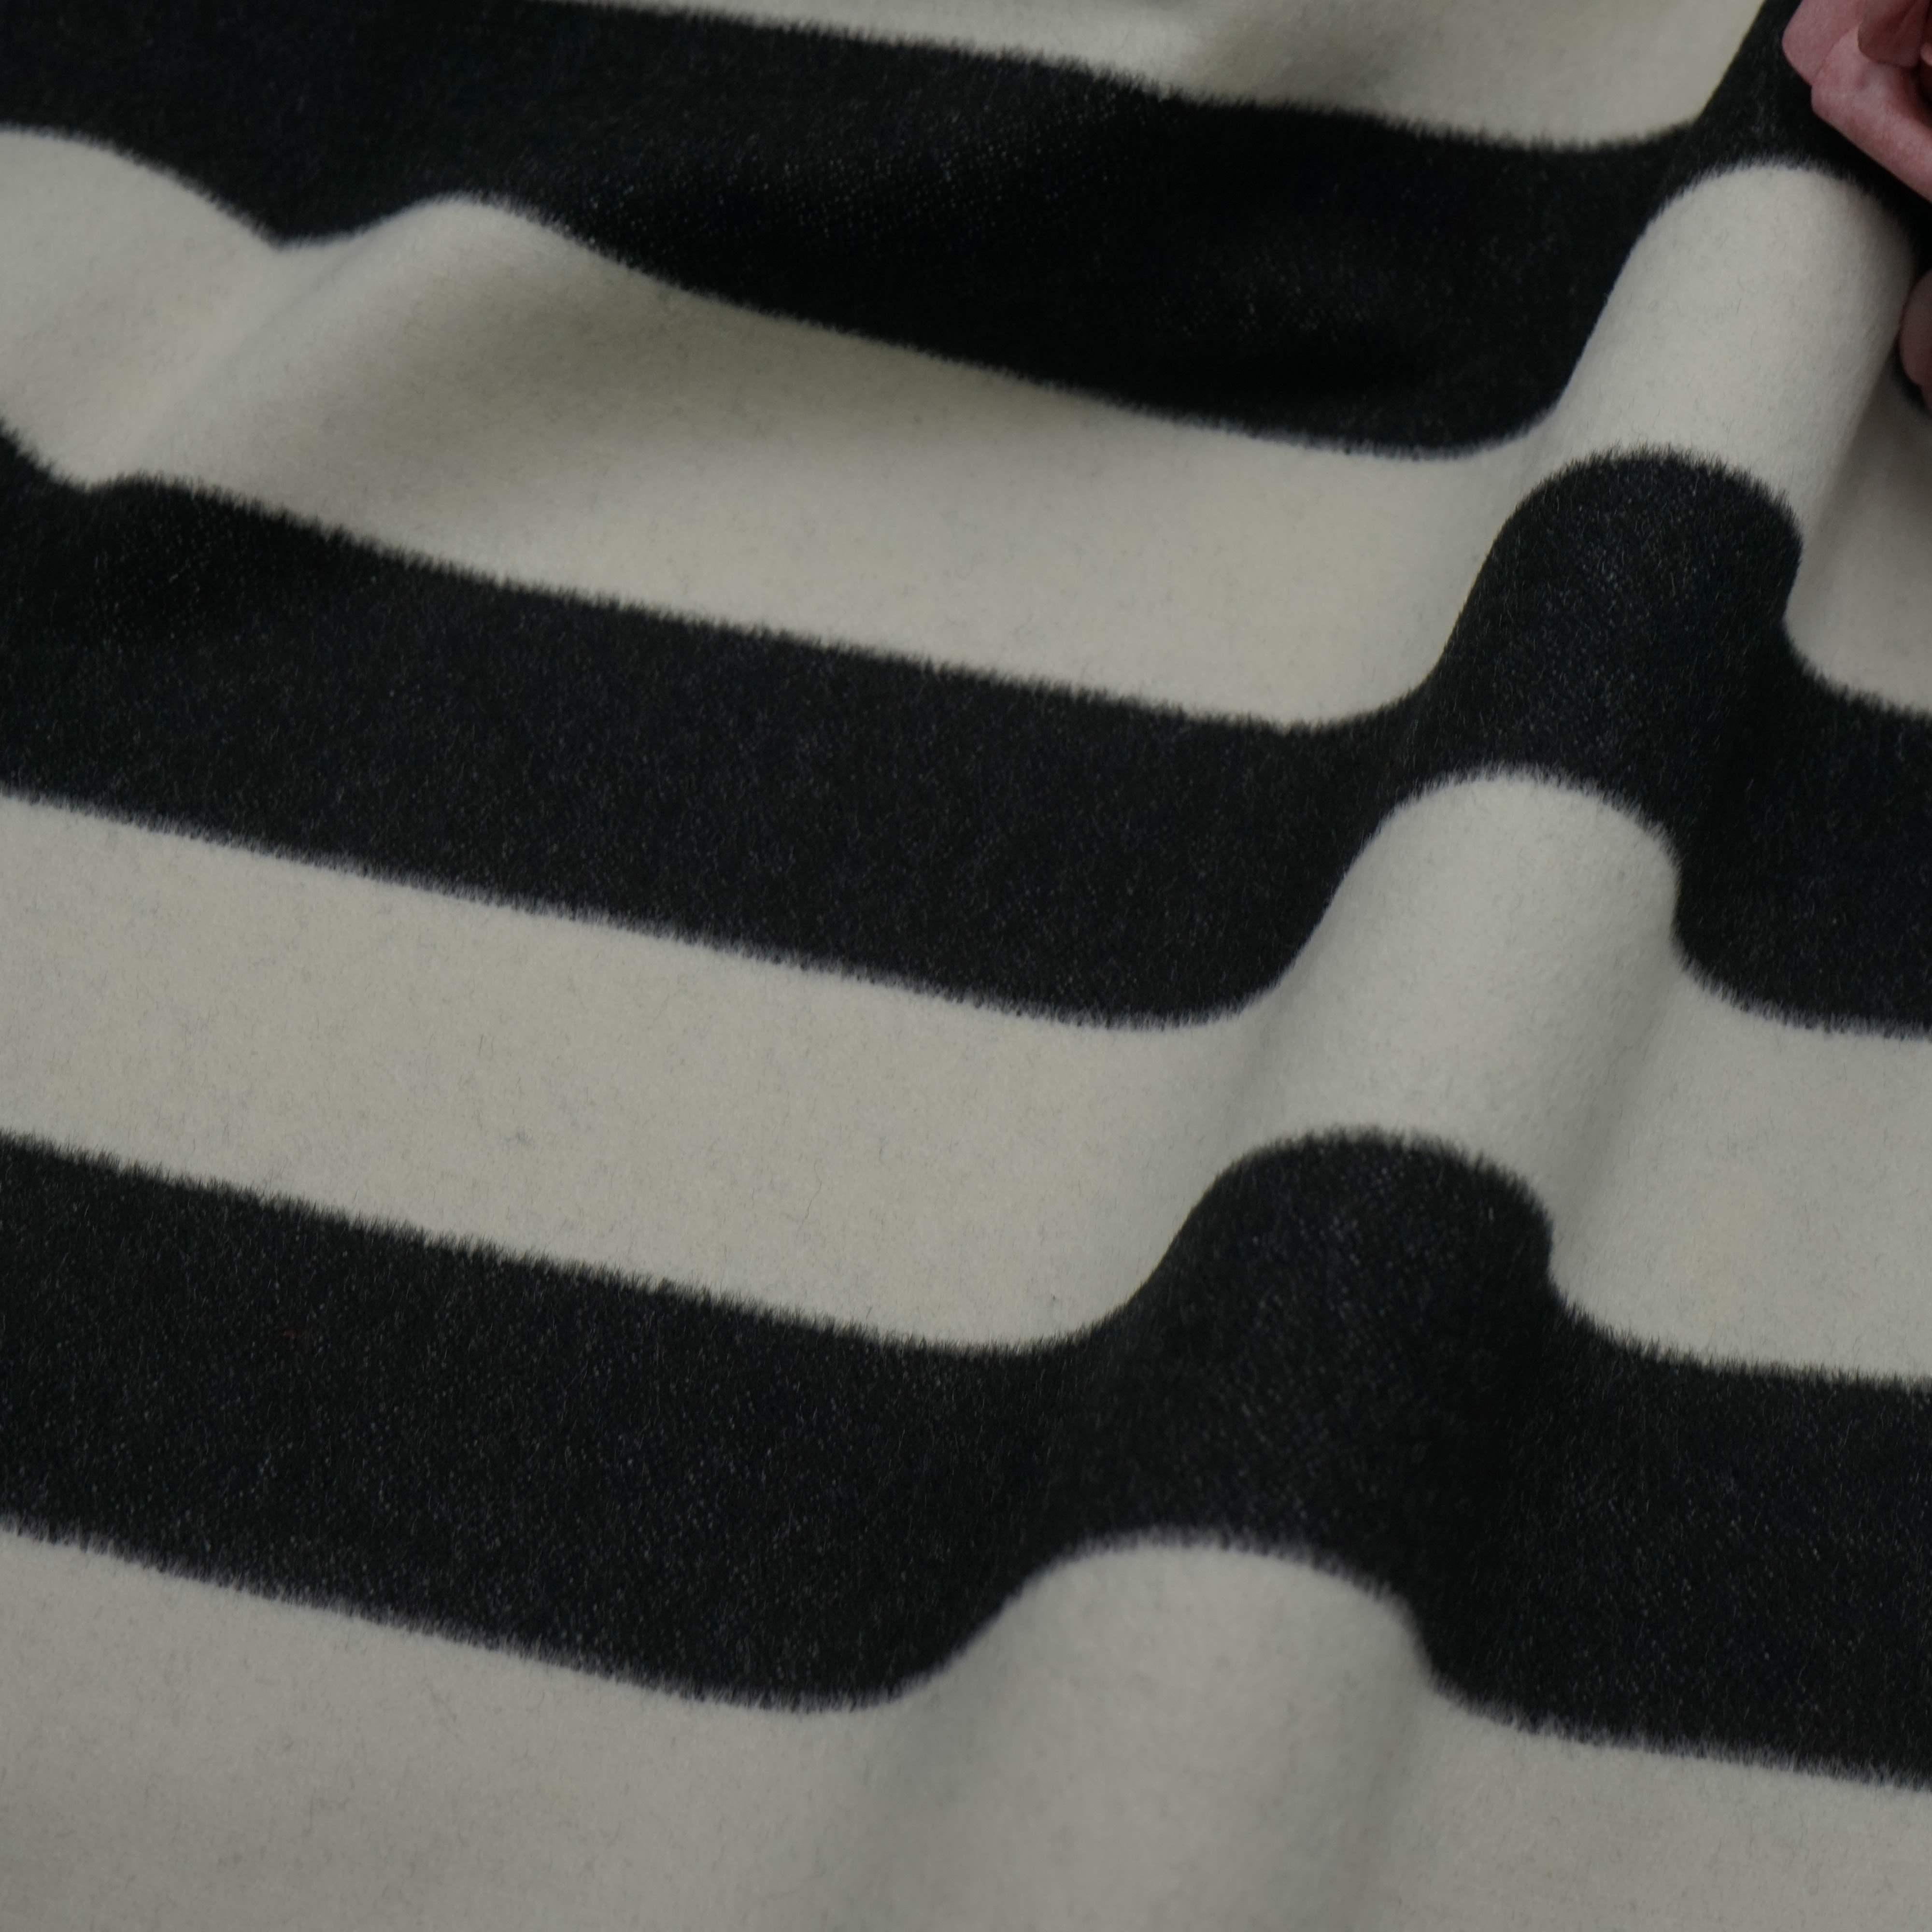 双面呢羊毛布料  黑白条纹双面可撕开毛呢面料 高档大衣毛料布料